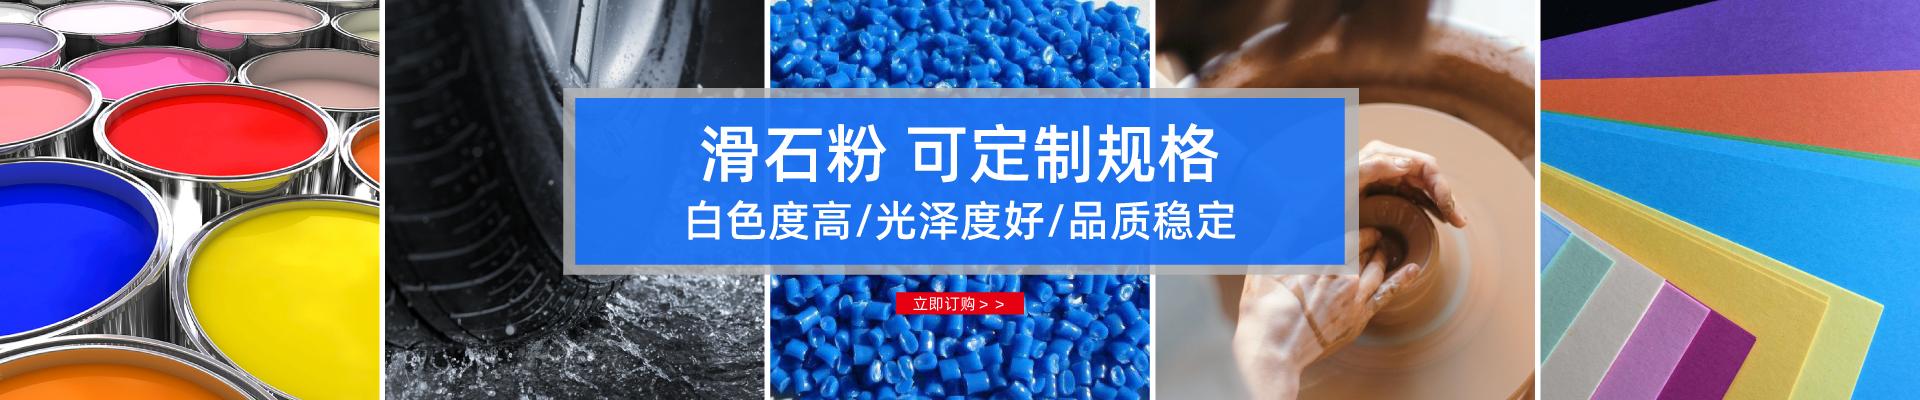 海城赫泰粉体科技有限公司